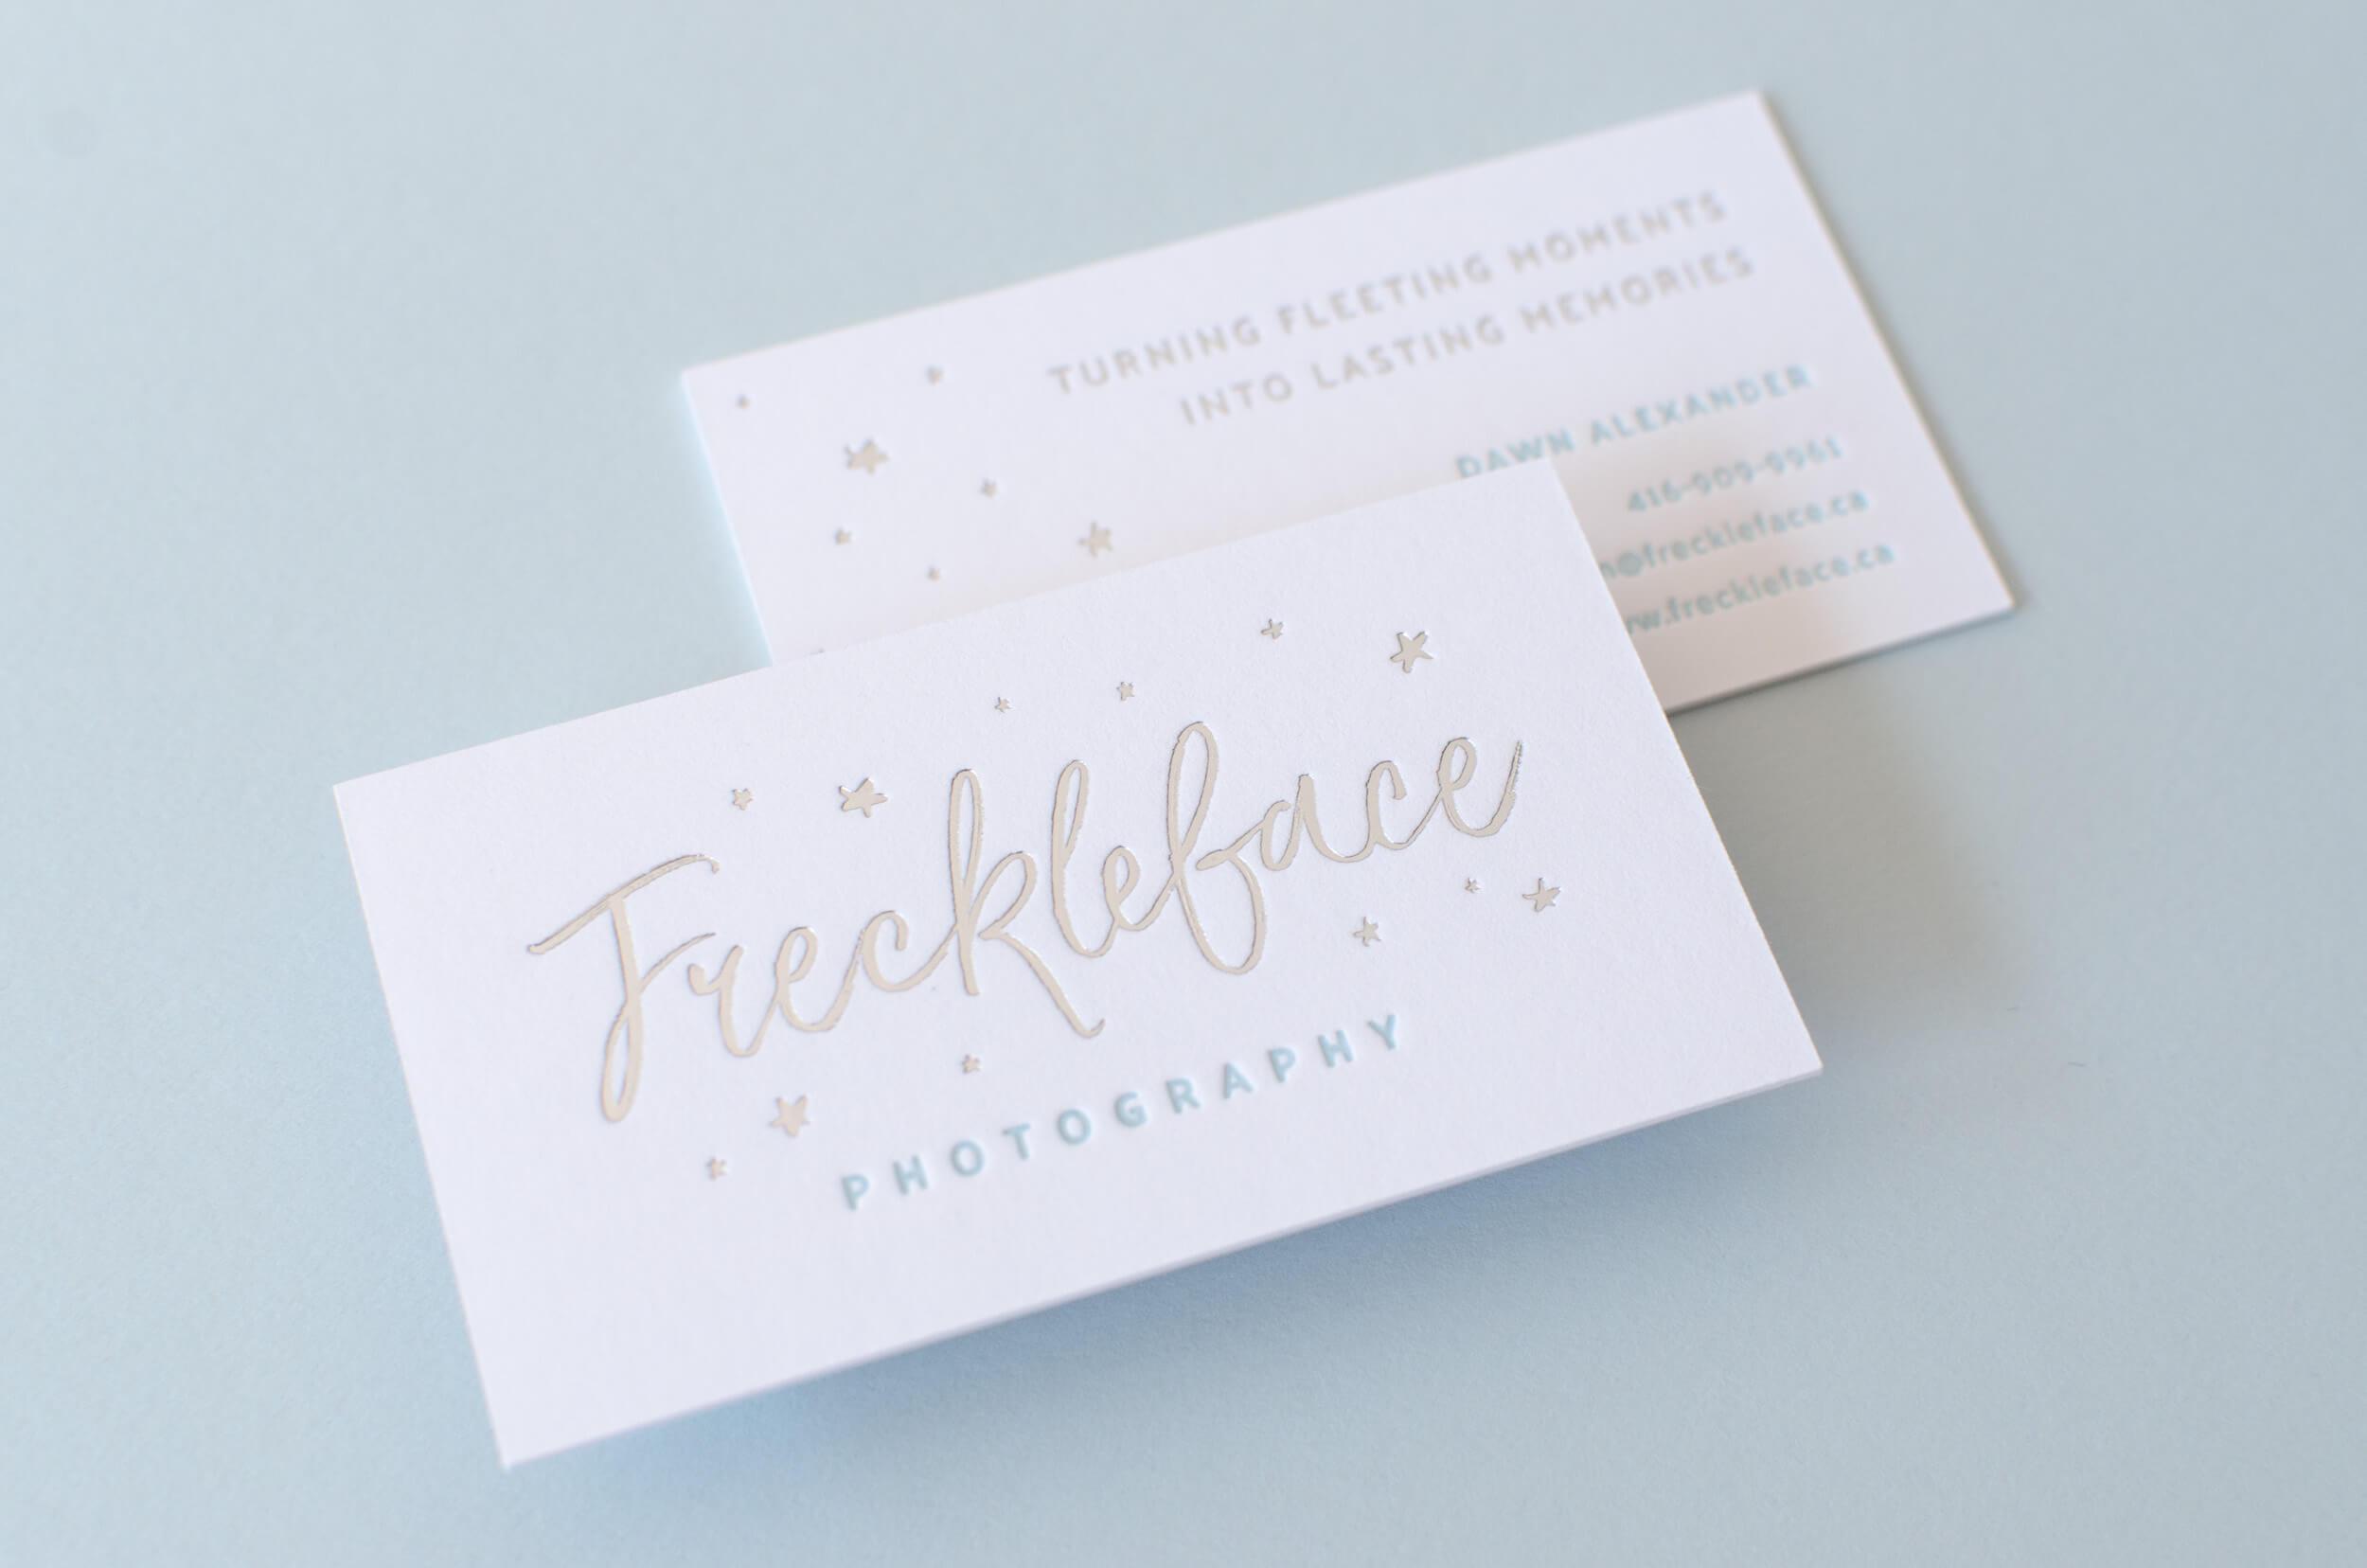 freckleface-businesscards-letterpress-foil-3.jpg